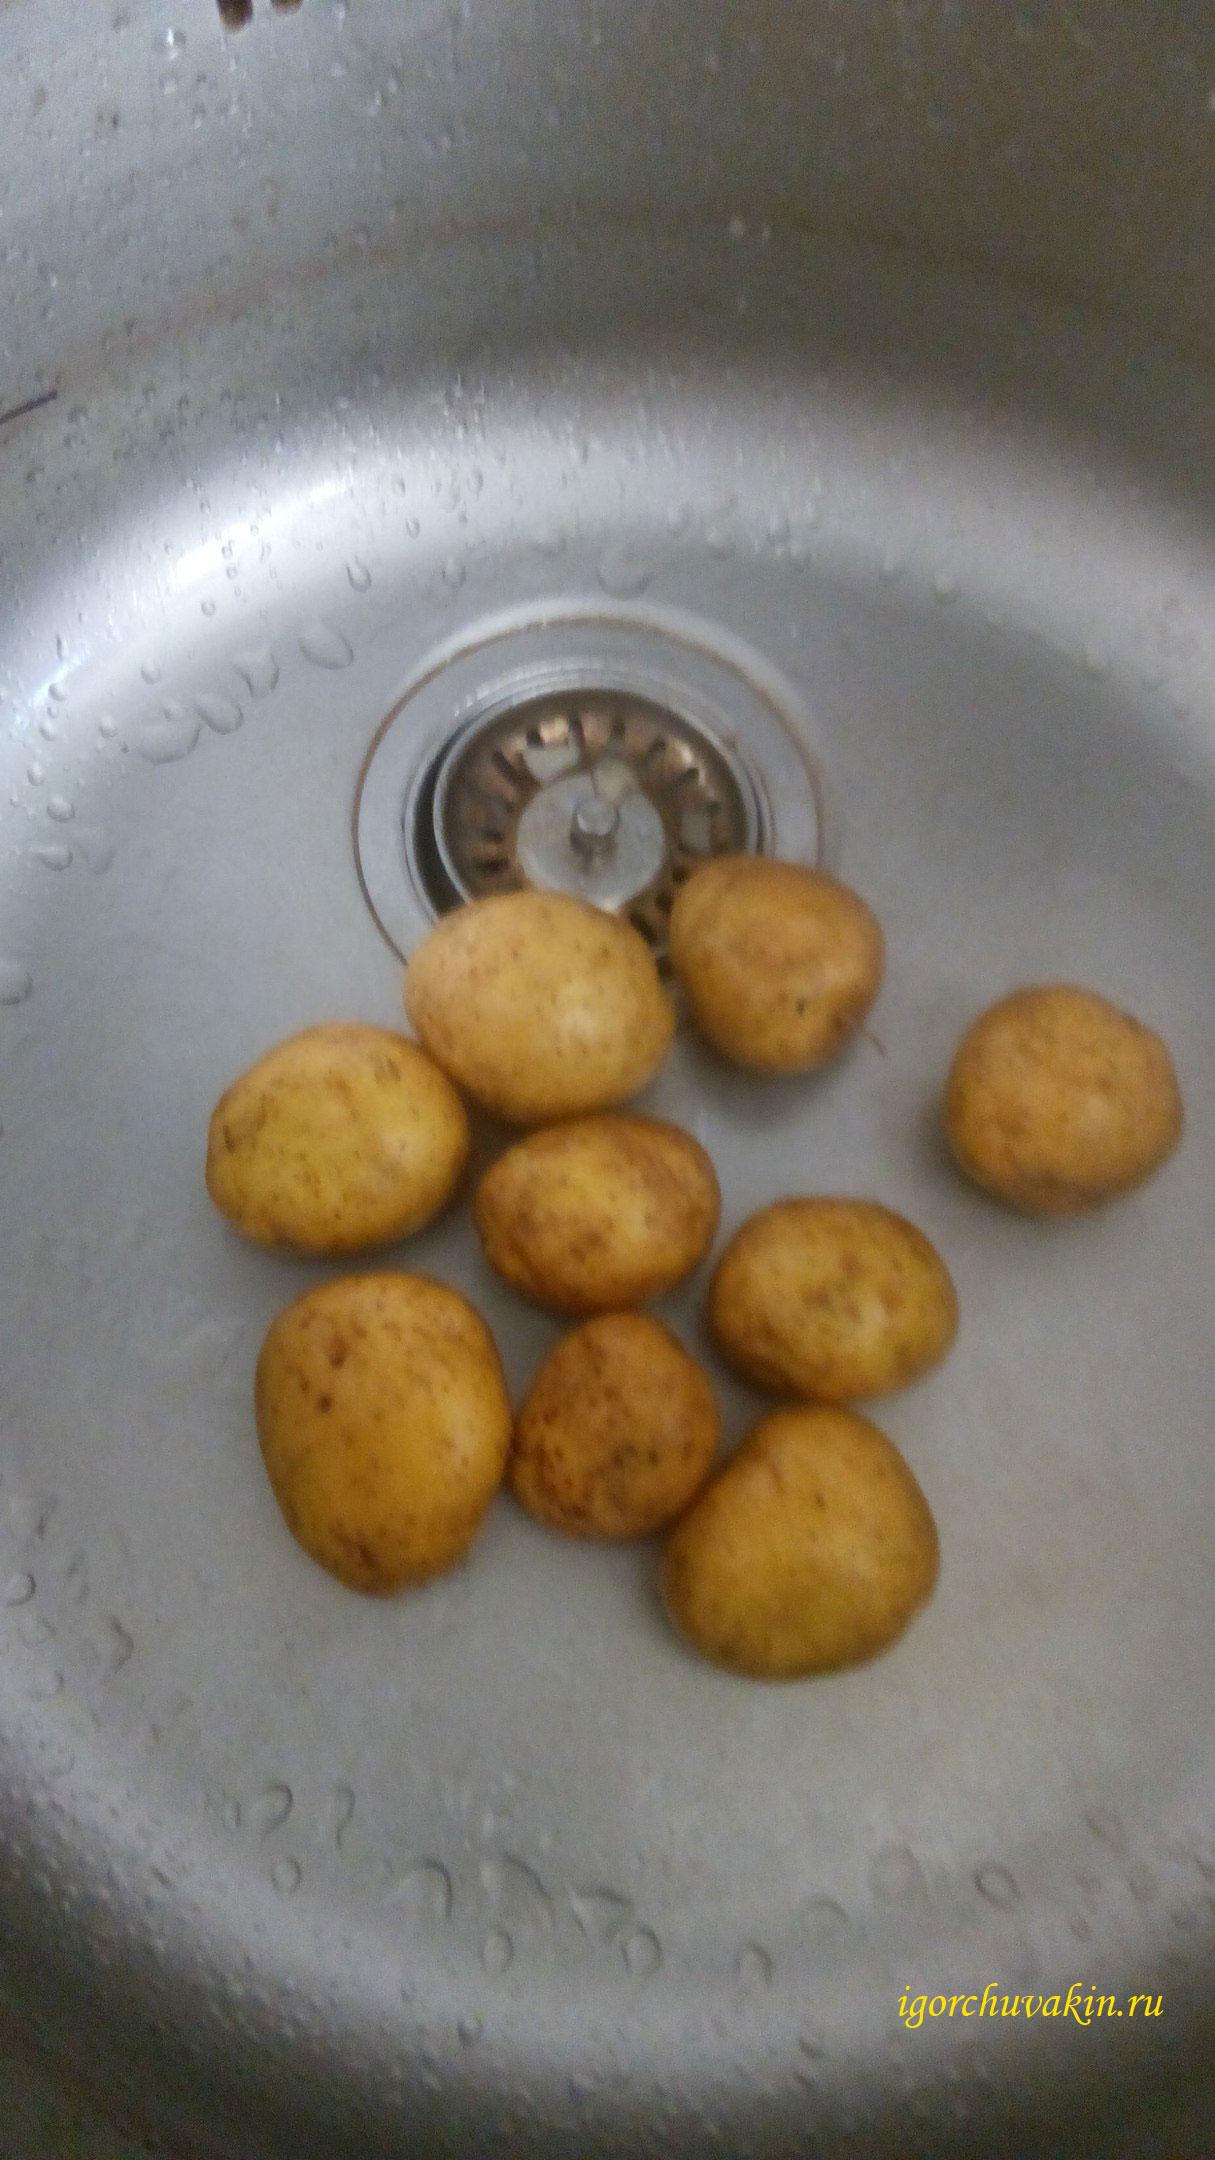 Свежий картофель. фото Игоря Чувакина